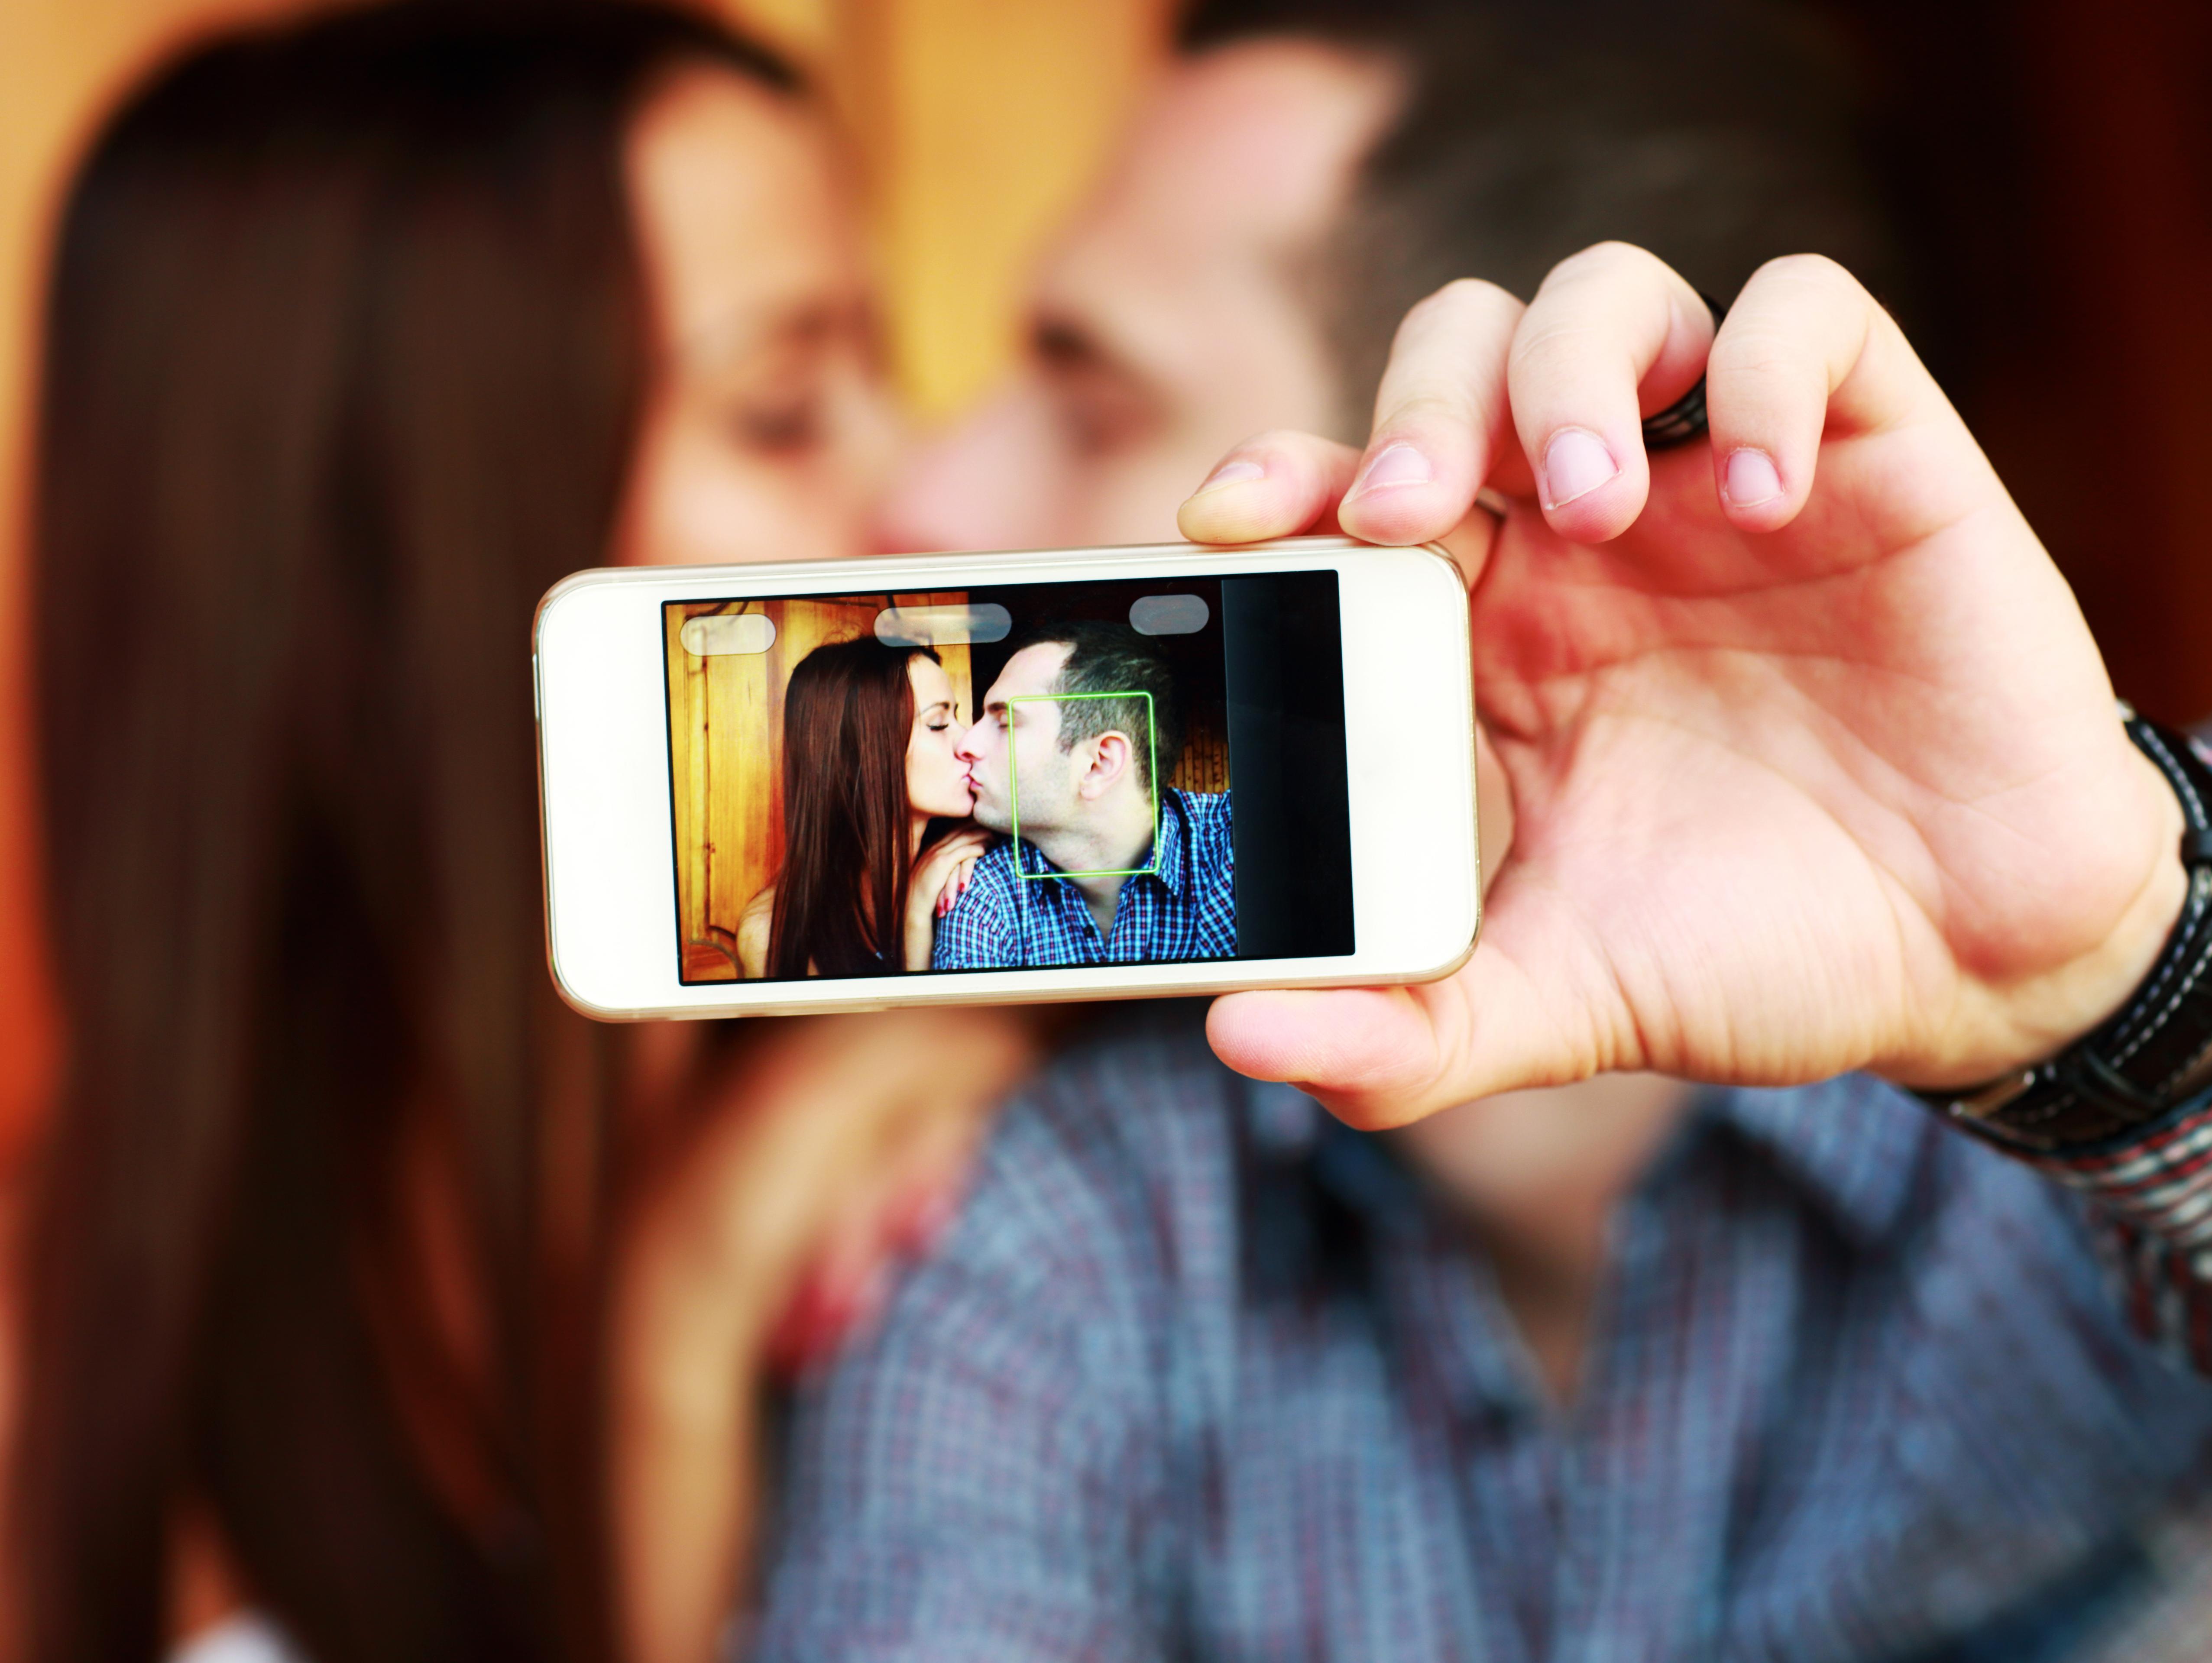 מעלים תמונות לרשת החברתית? לא תאמינו כמה זה יכול לעזור לכם